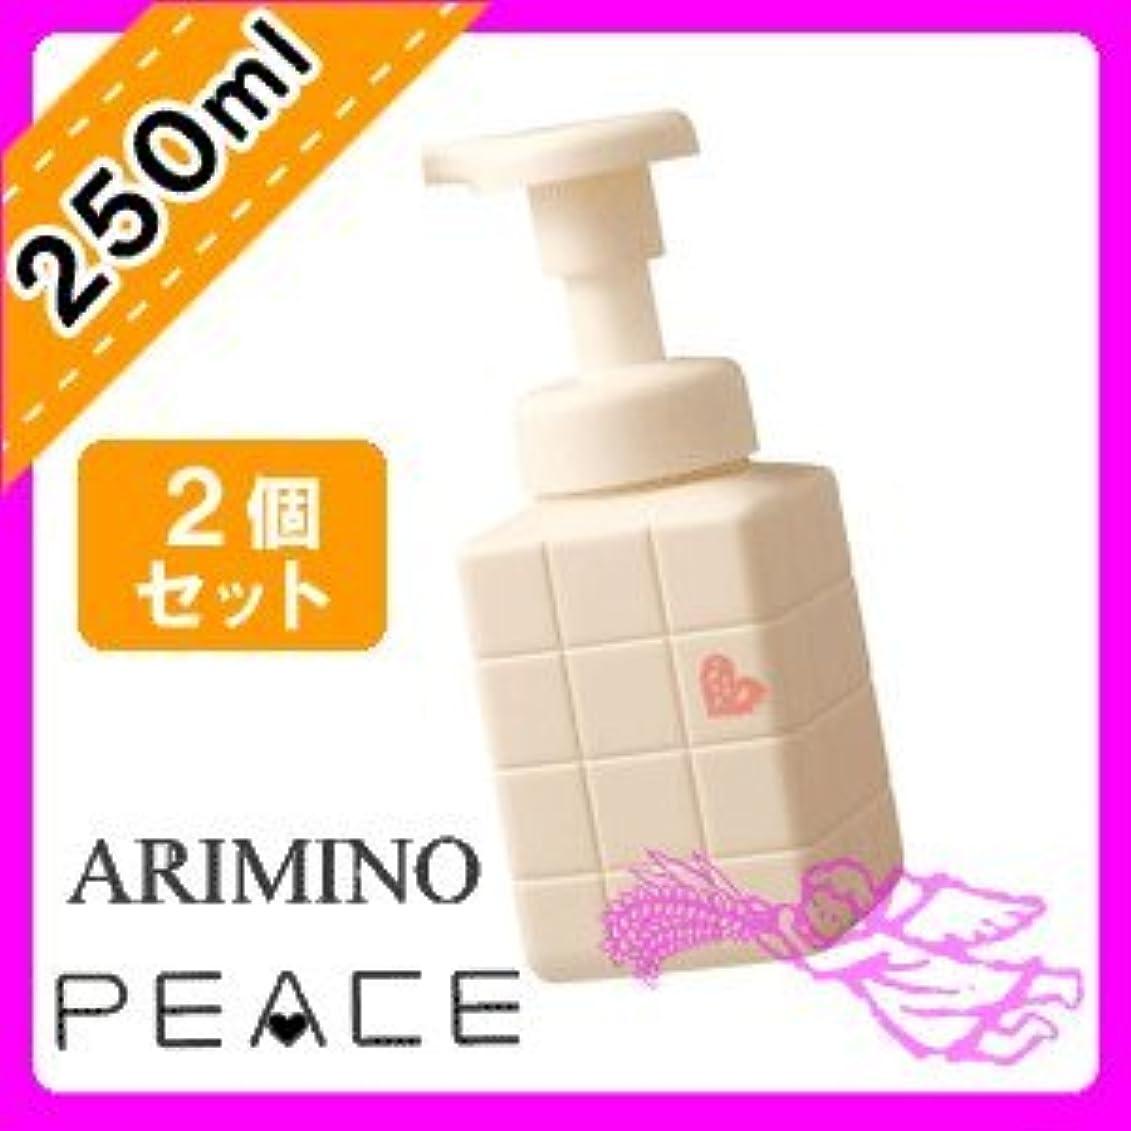 アラバマ生騒々しいアリミノ ピース ホイップワックス PEACE ナチュラルウェーブ ホイップ250mL ×2個 セット arimino PEACE